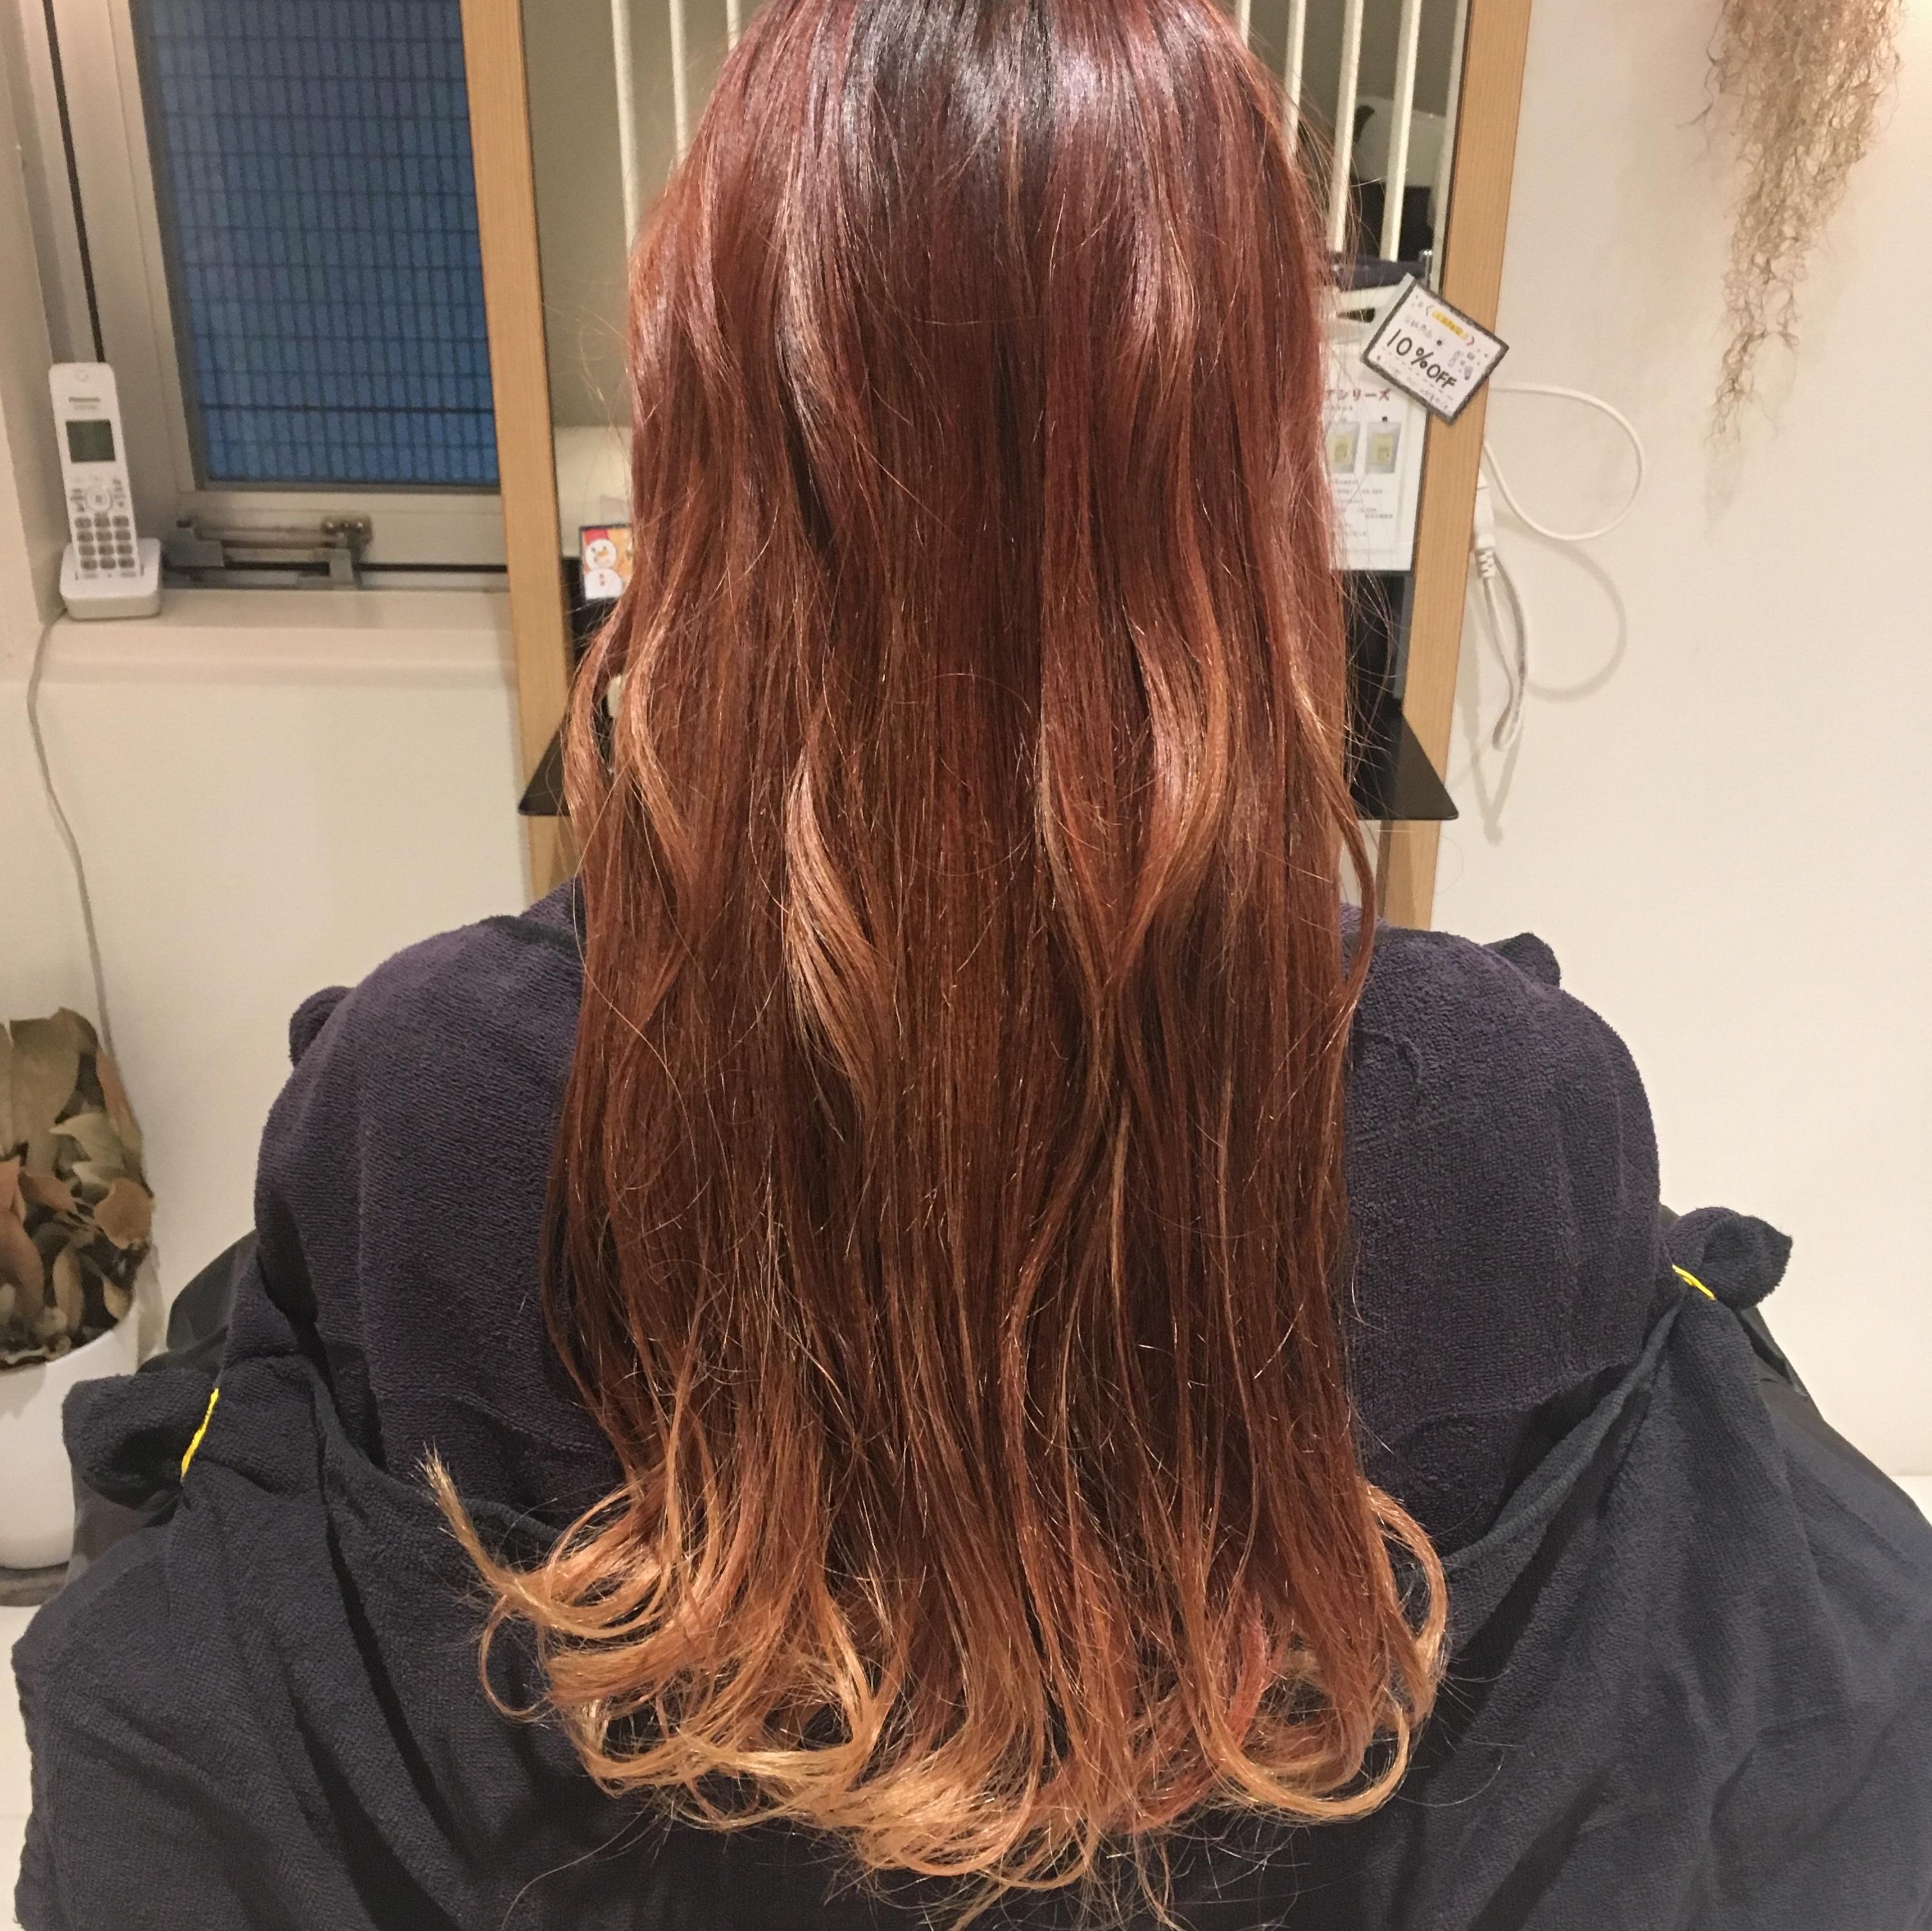 2018年最初のカラーはこの色に決めた!!なりたいカラーが叶うヘアサロン♪_2